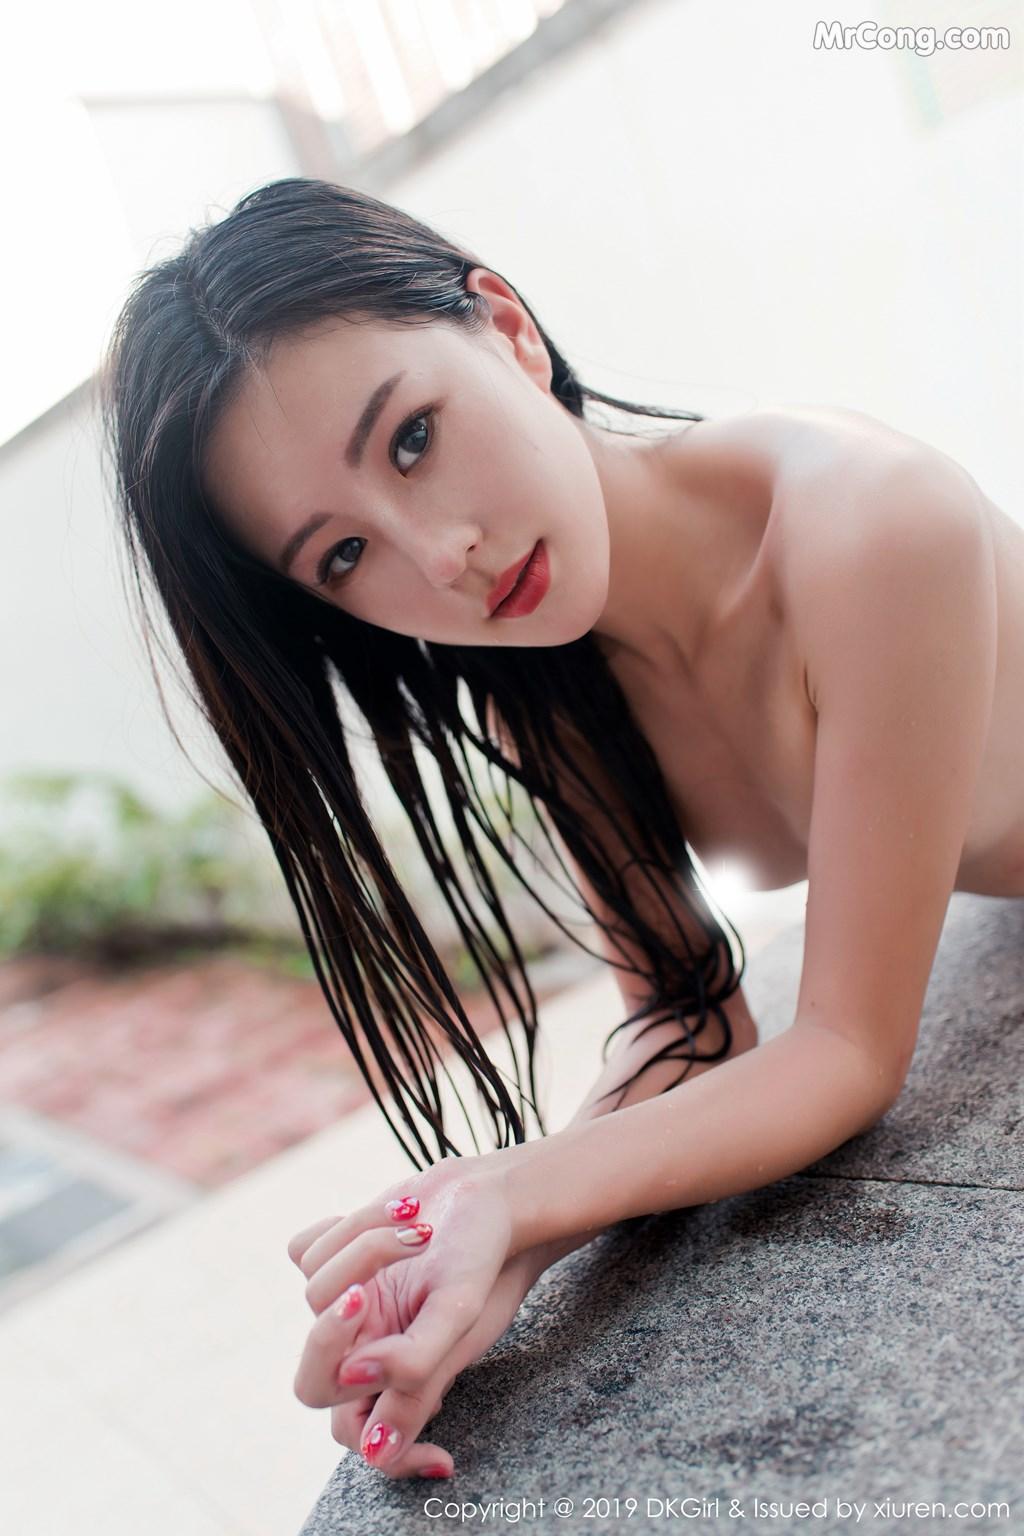 Image DKGirl-Vol.117-Alice-MrCong.com-034 in post DKGirl Vol.117: 小子怡Alice (41 ảnh)